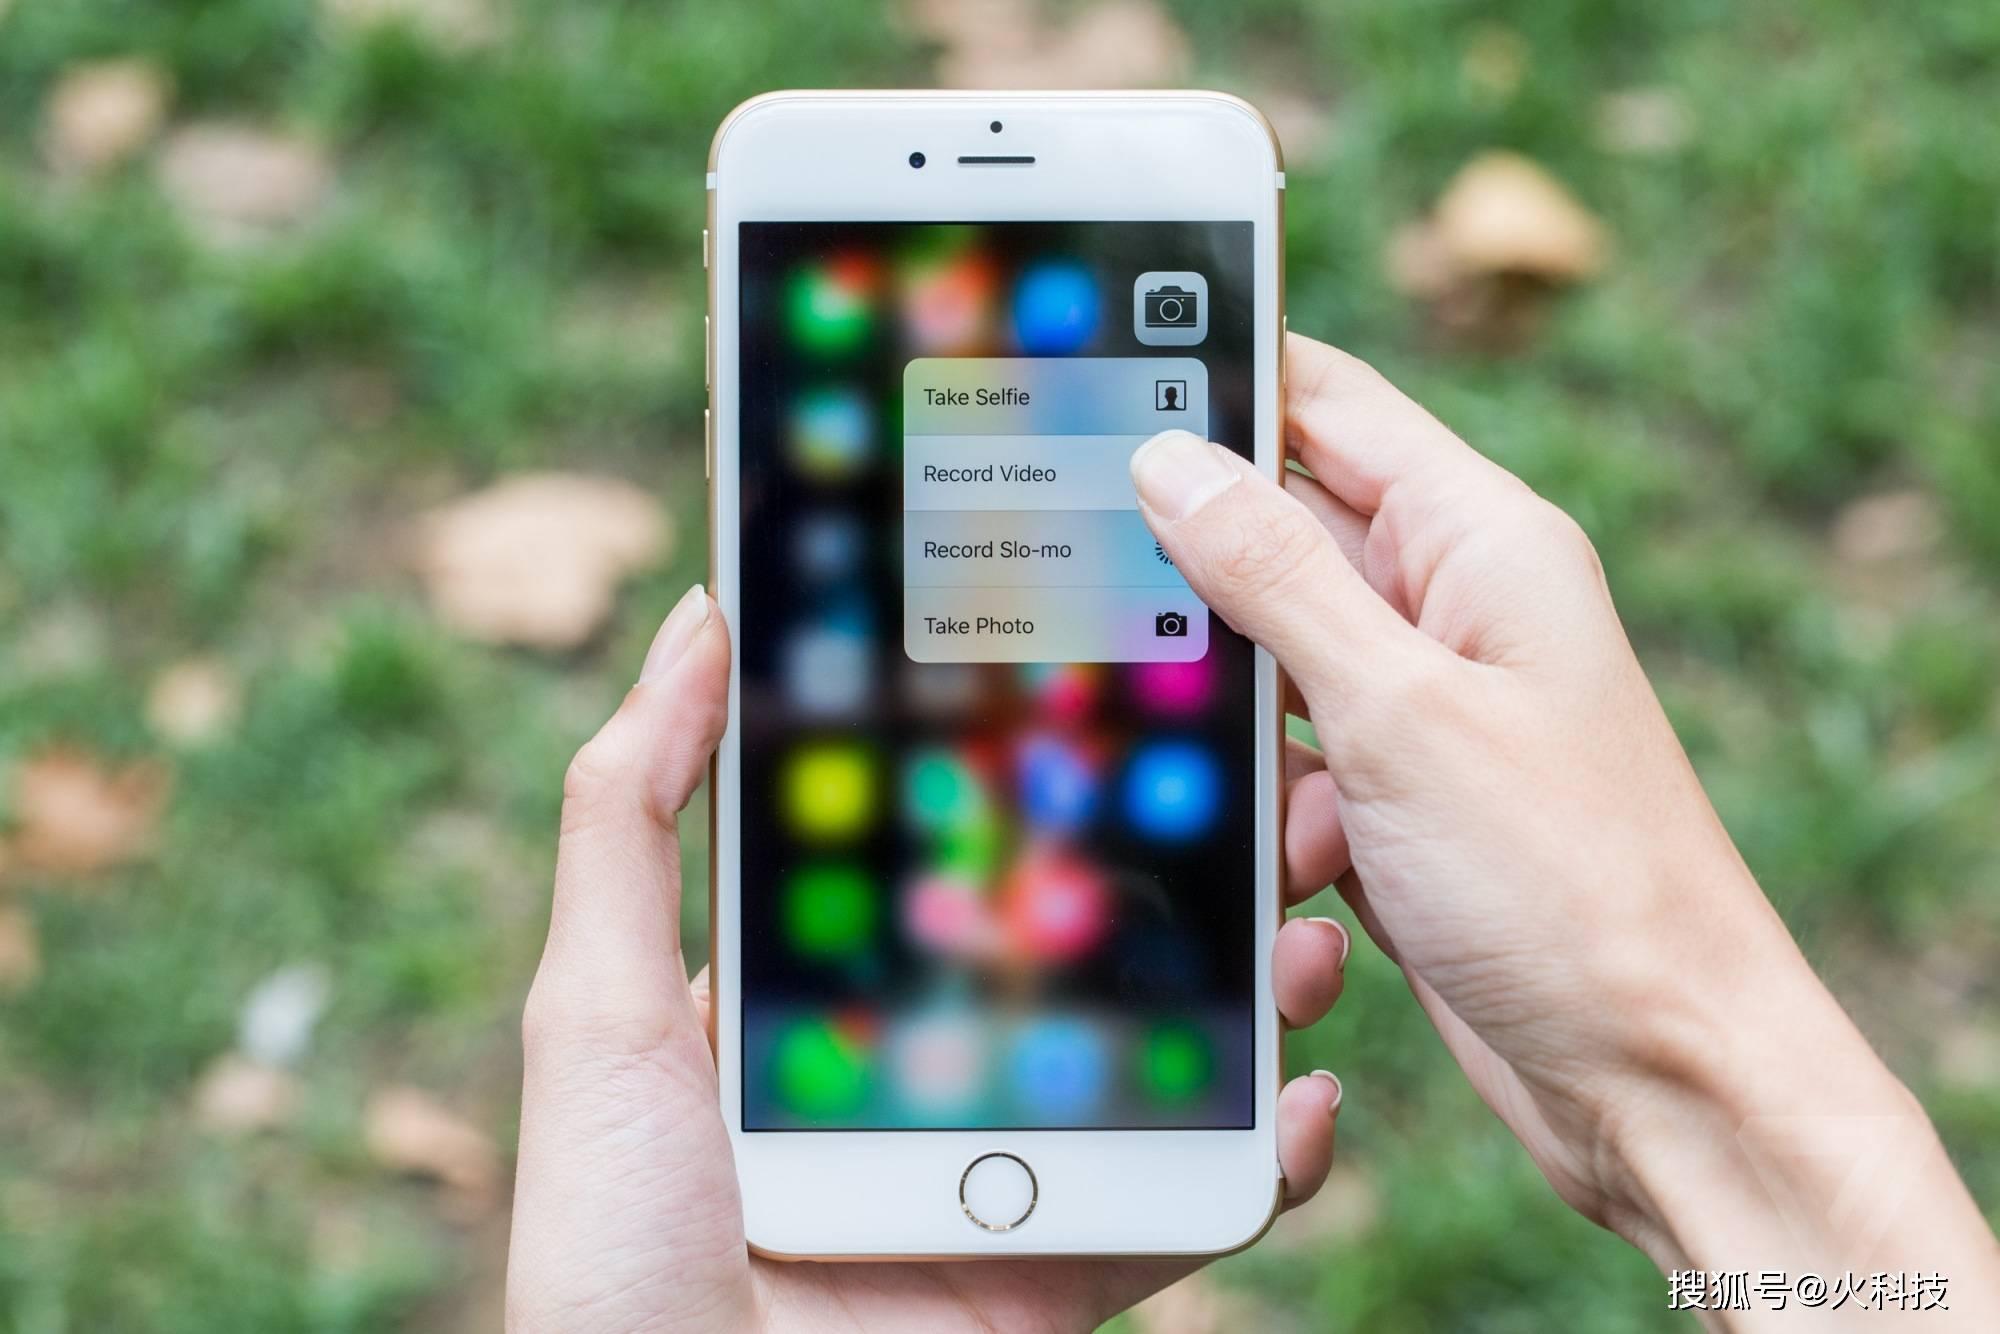 手机里面有多少张